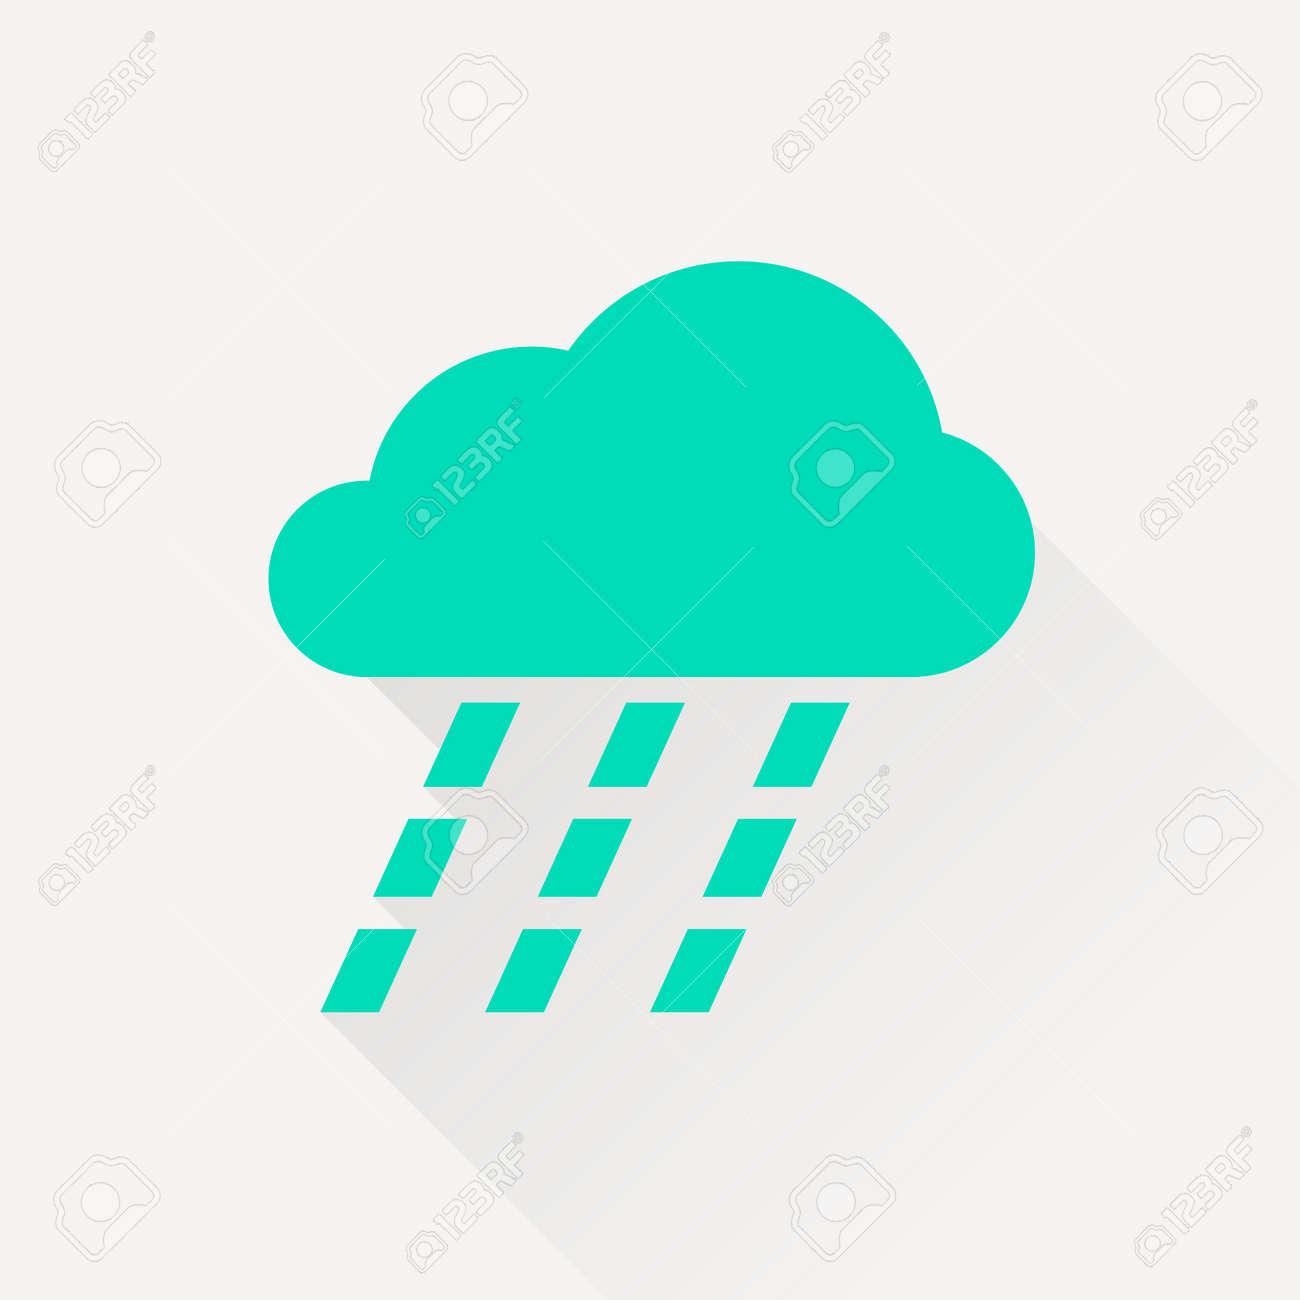 大雨のアイコンのイラスト素材ベクタ Image 45027074